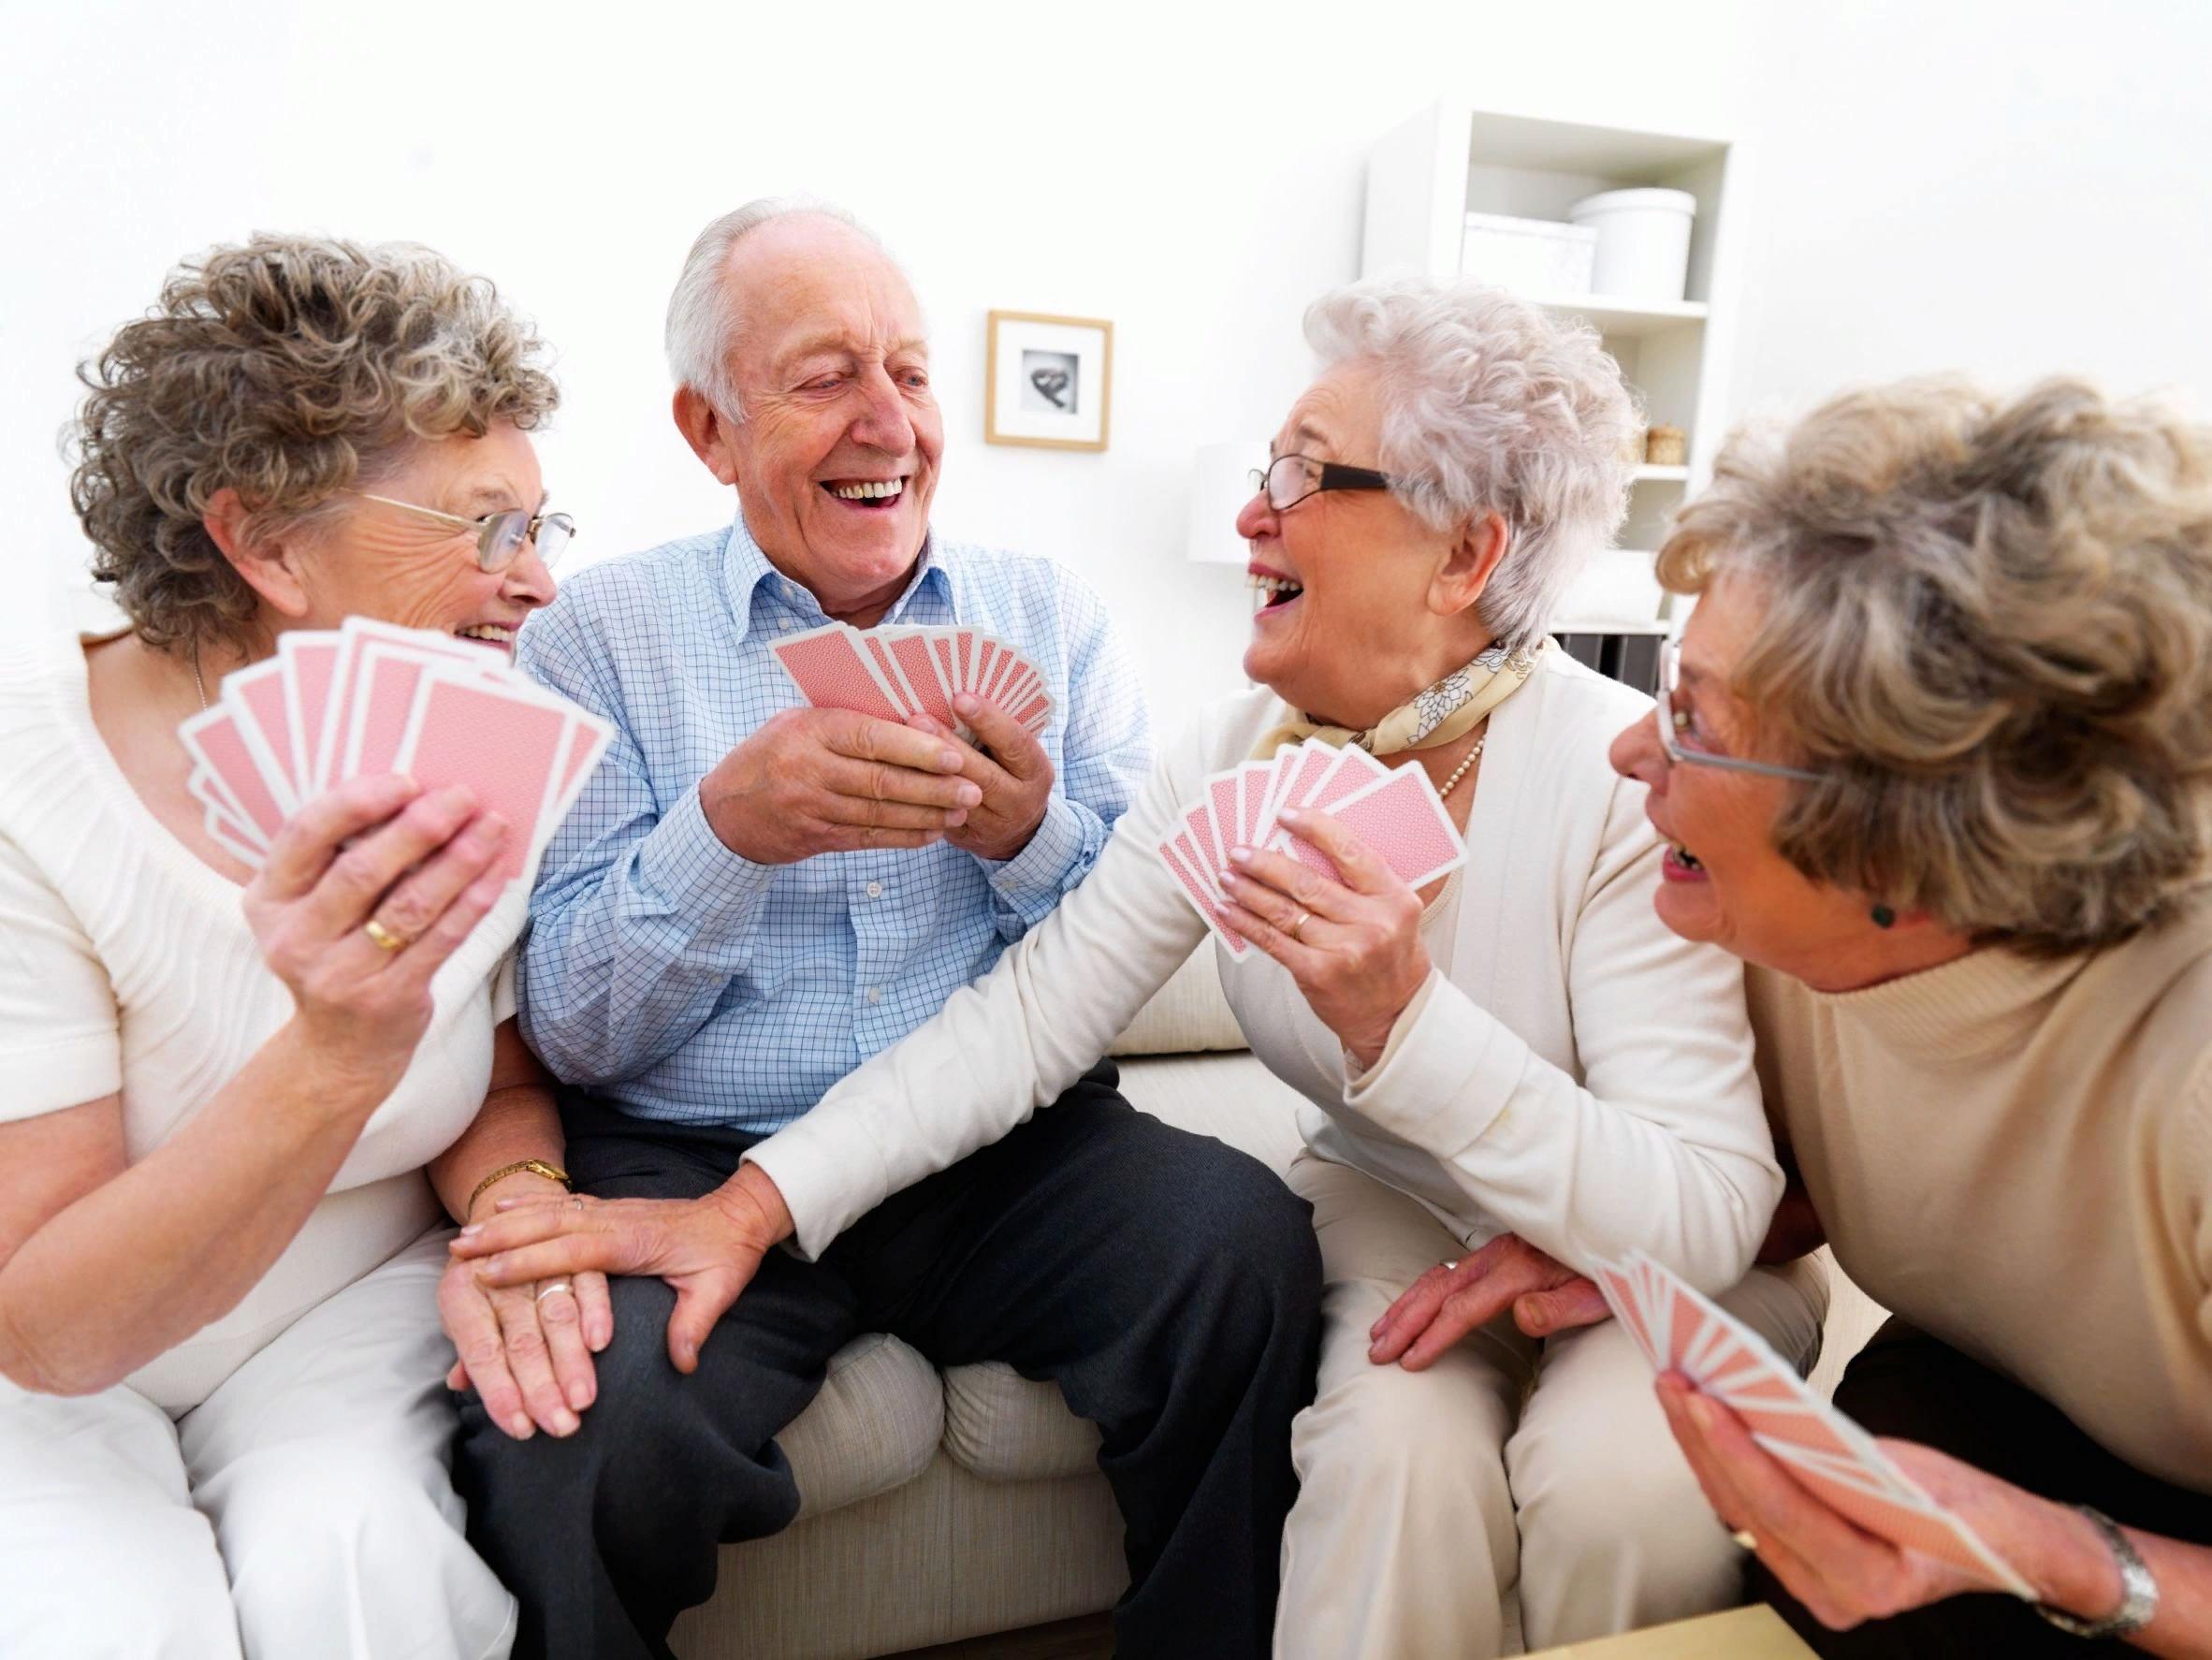 Какие настольные игры понравятся дедушкам и бабушкам